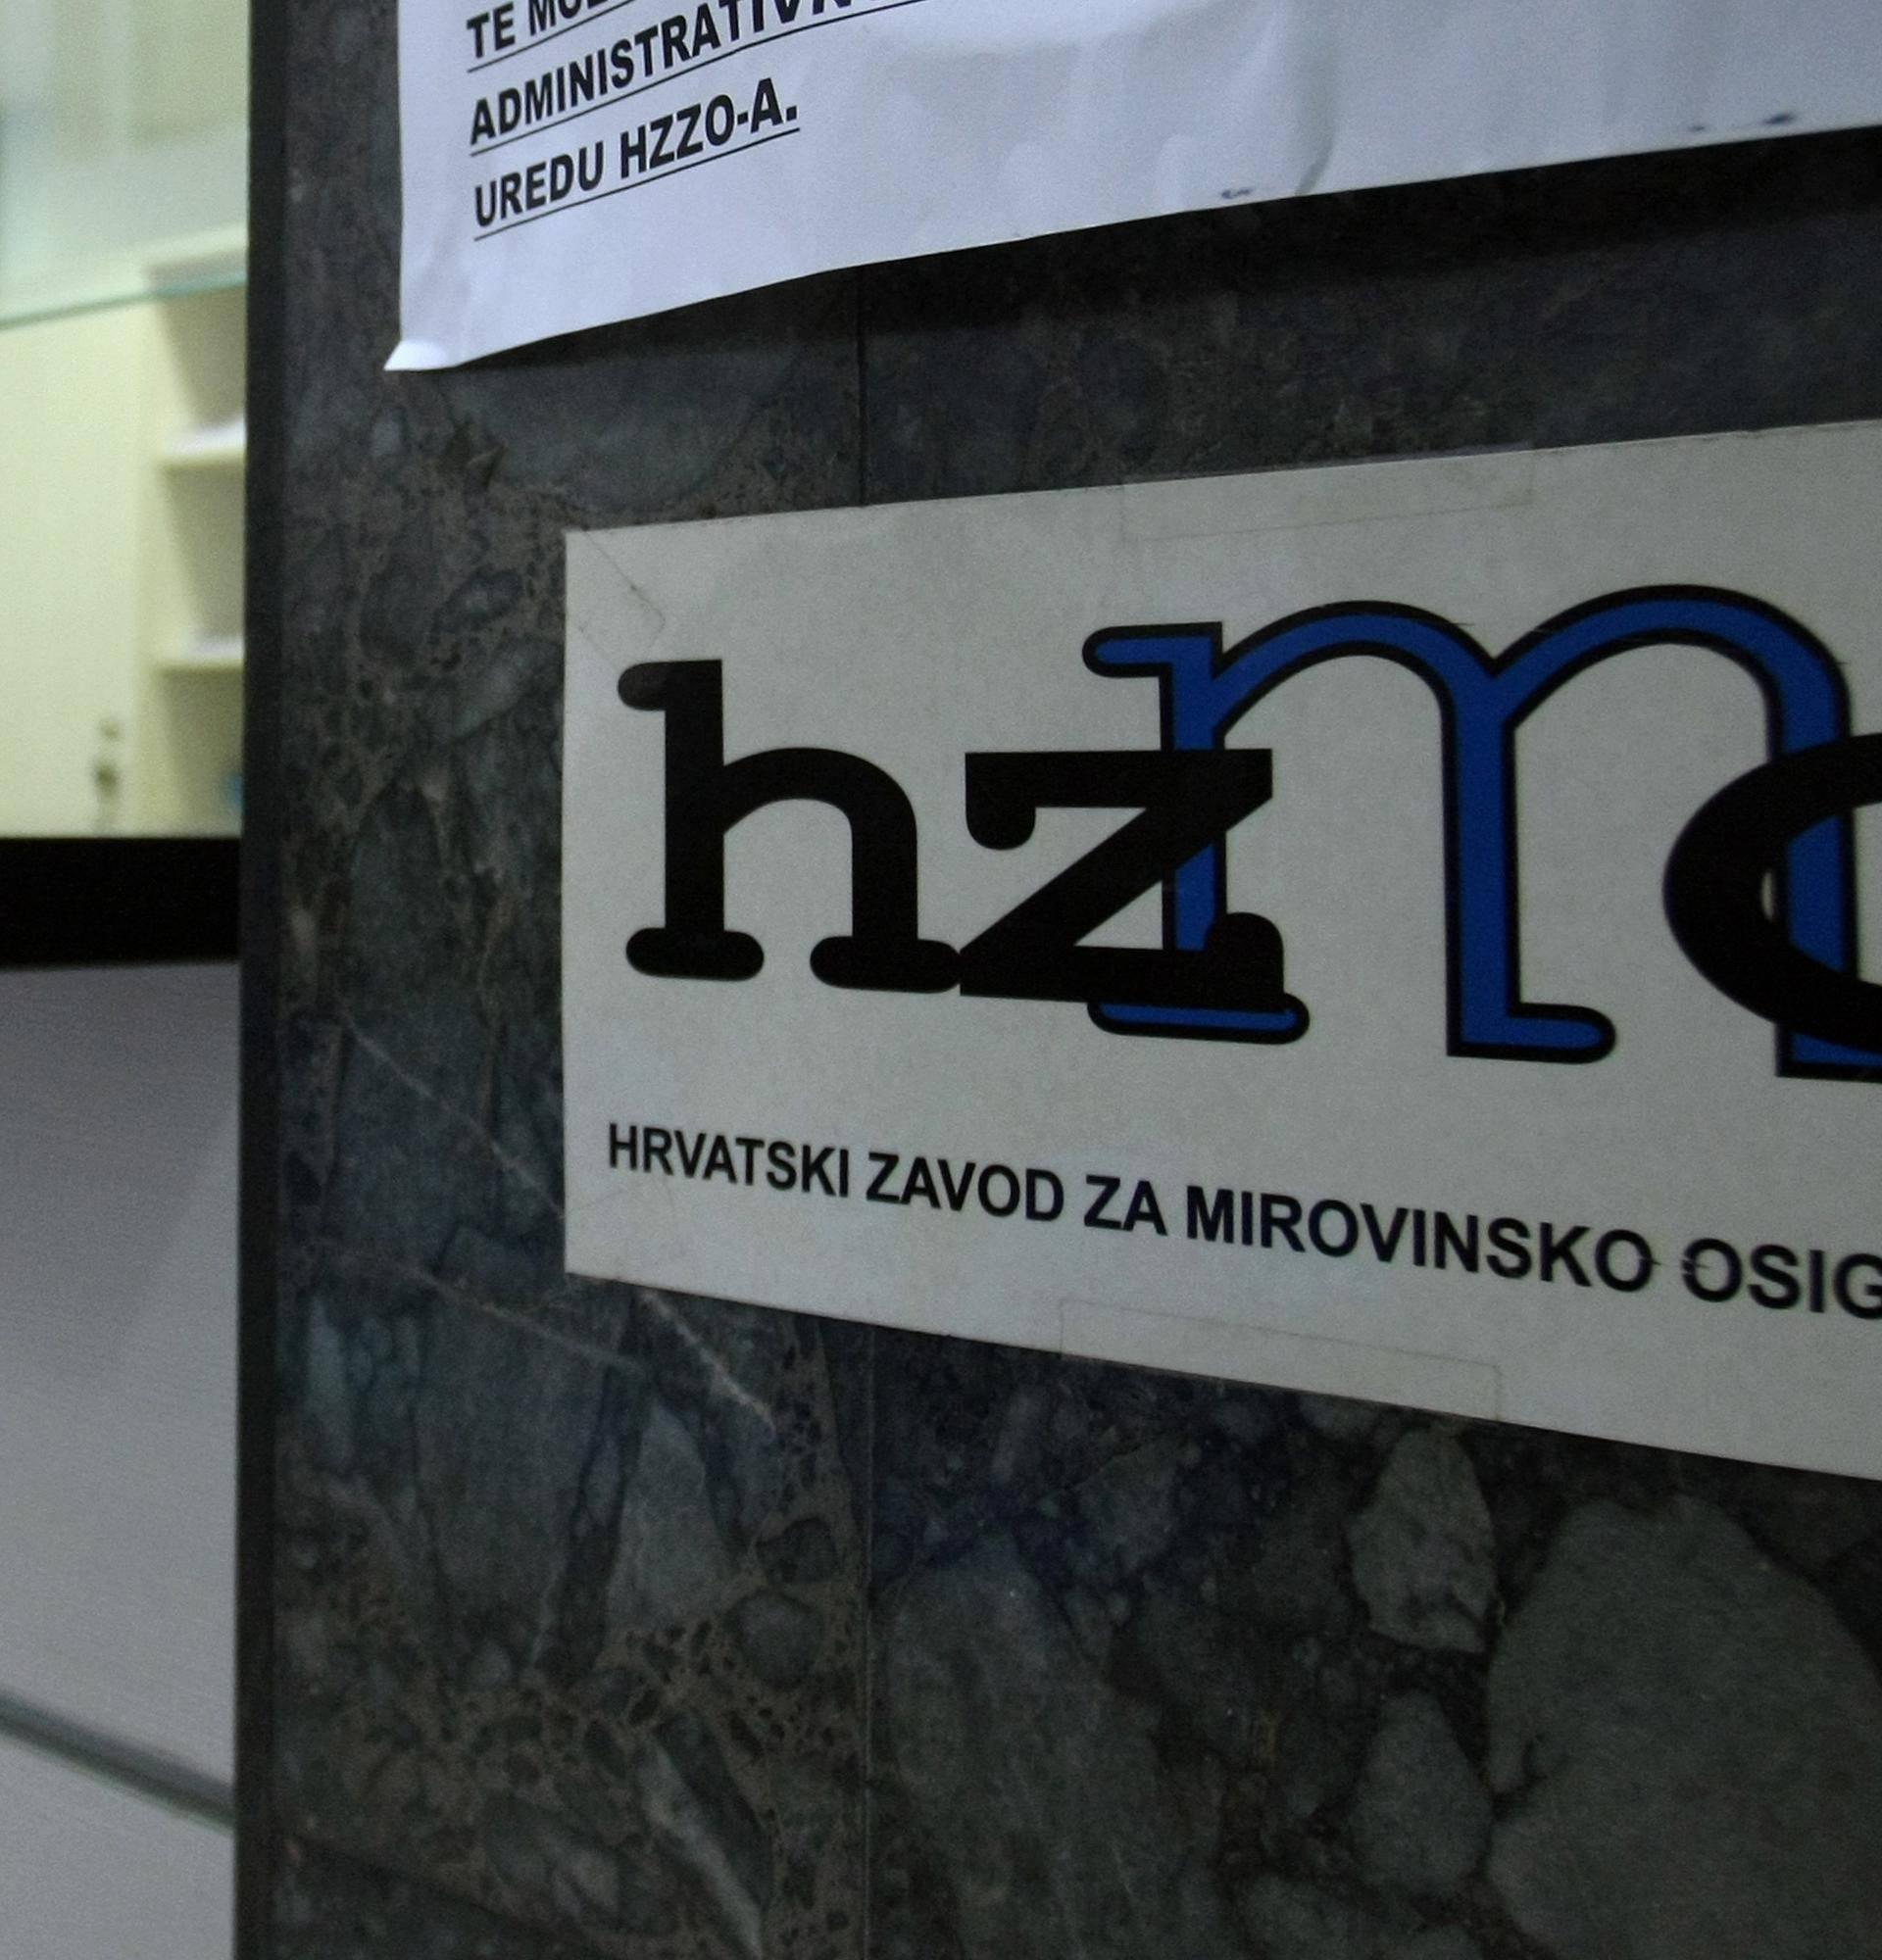 Hrvatski zavod za mirovinsko osiguranje